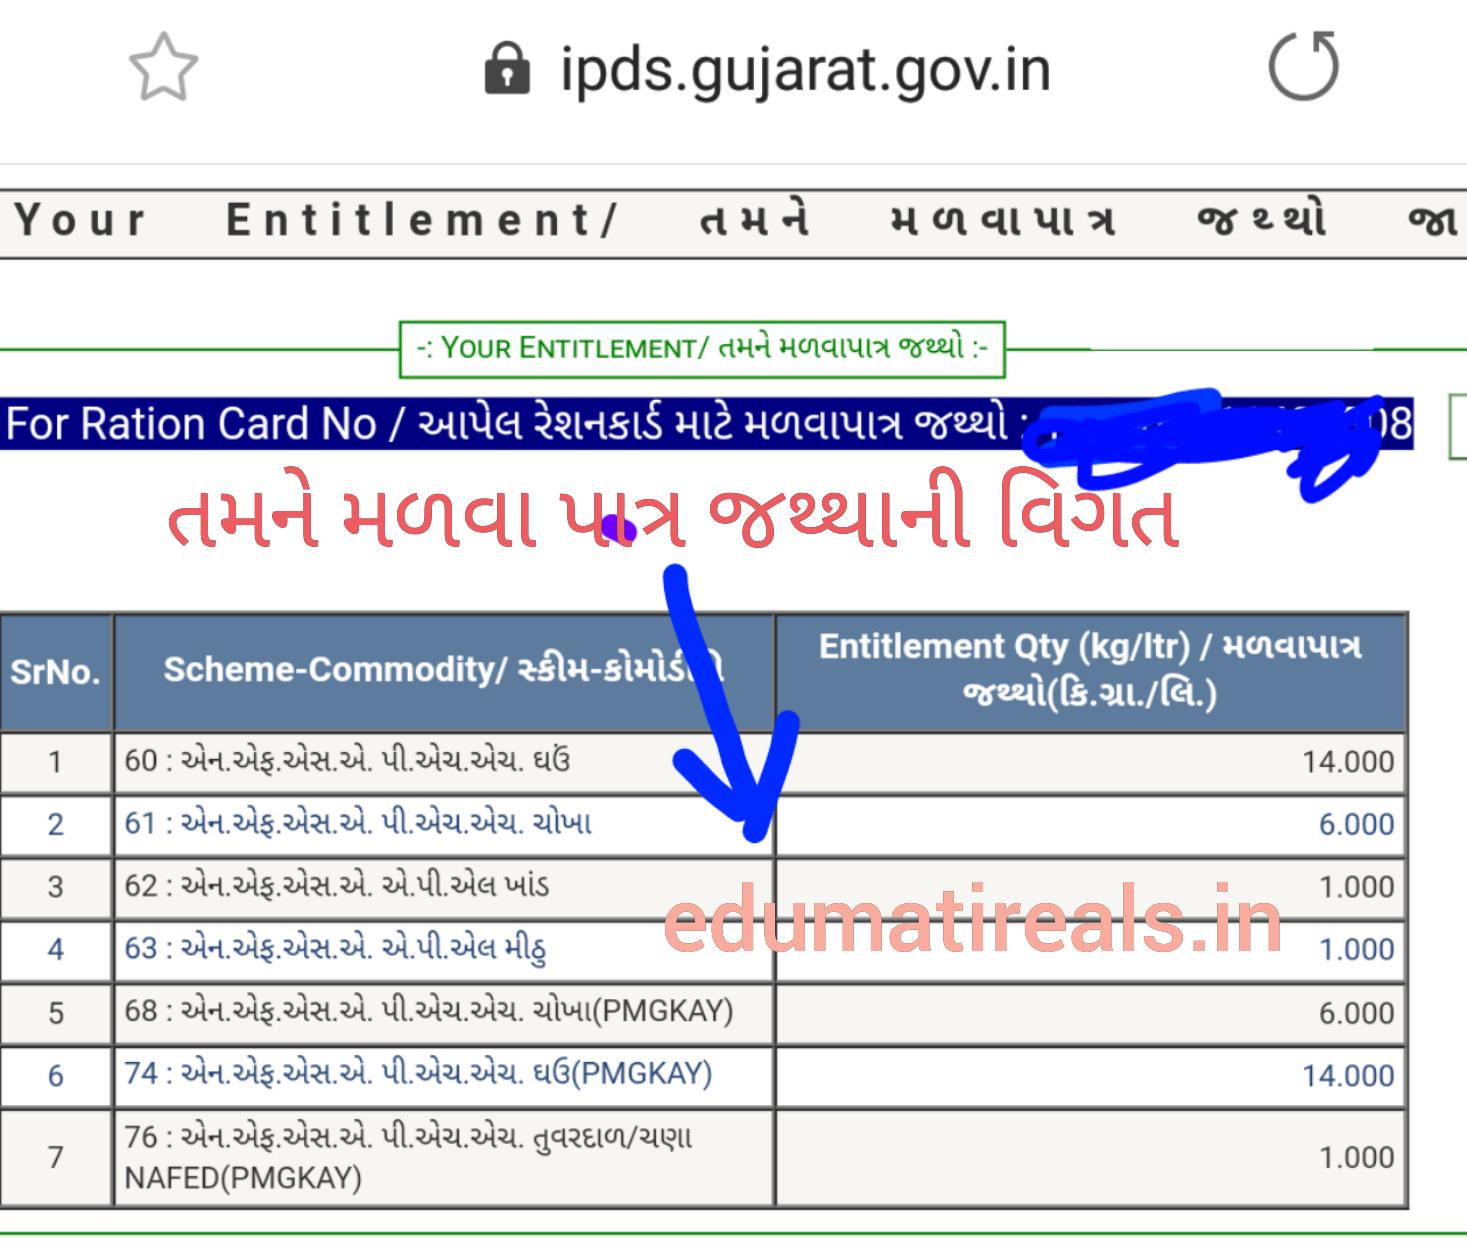 ipds.gujarat.gov.in